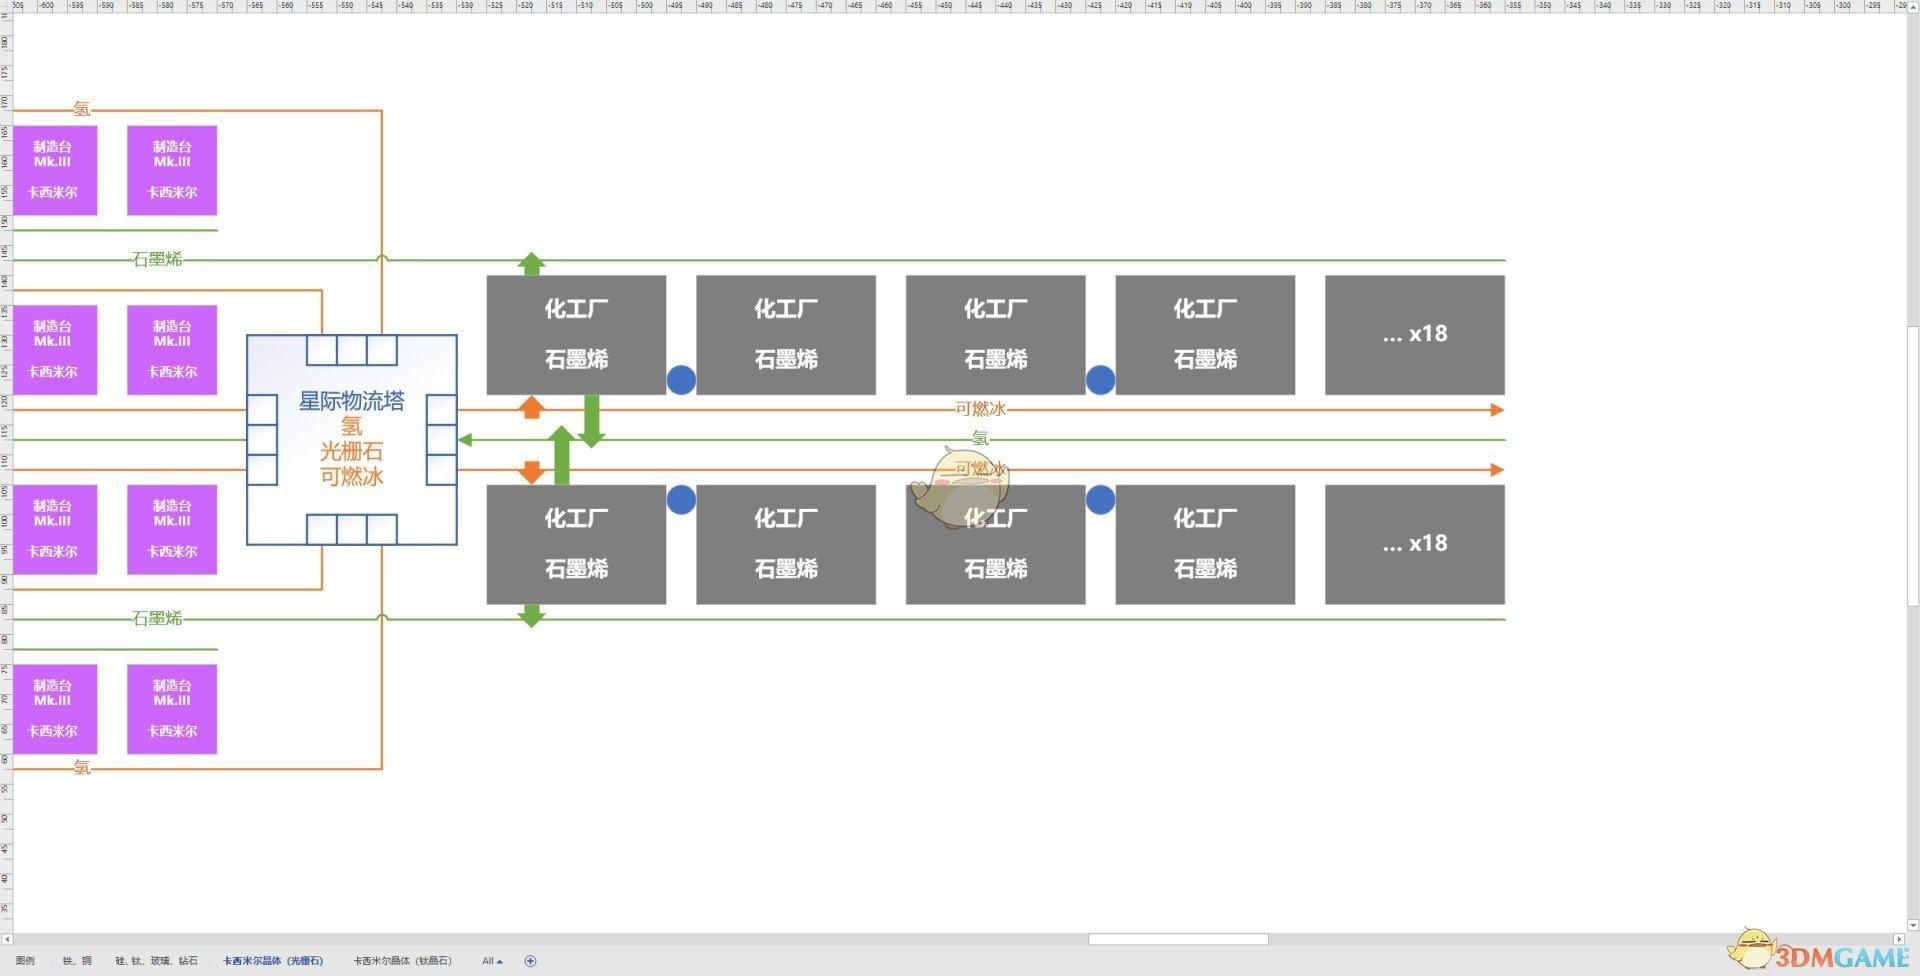 《戴森球计划》每分钟1080白糖生产线布局